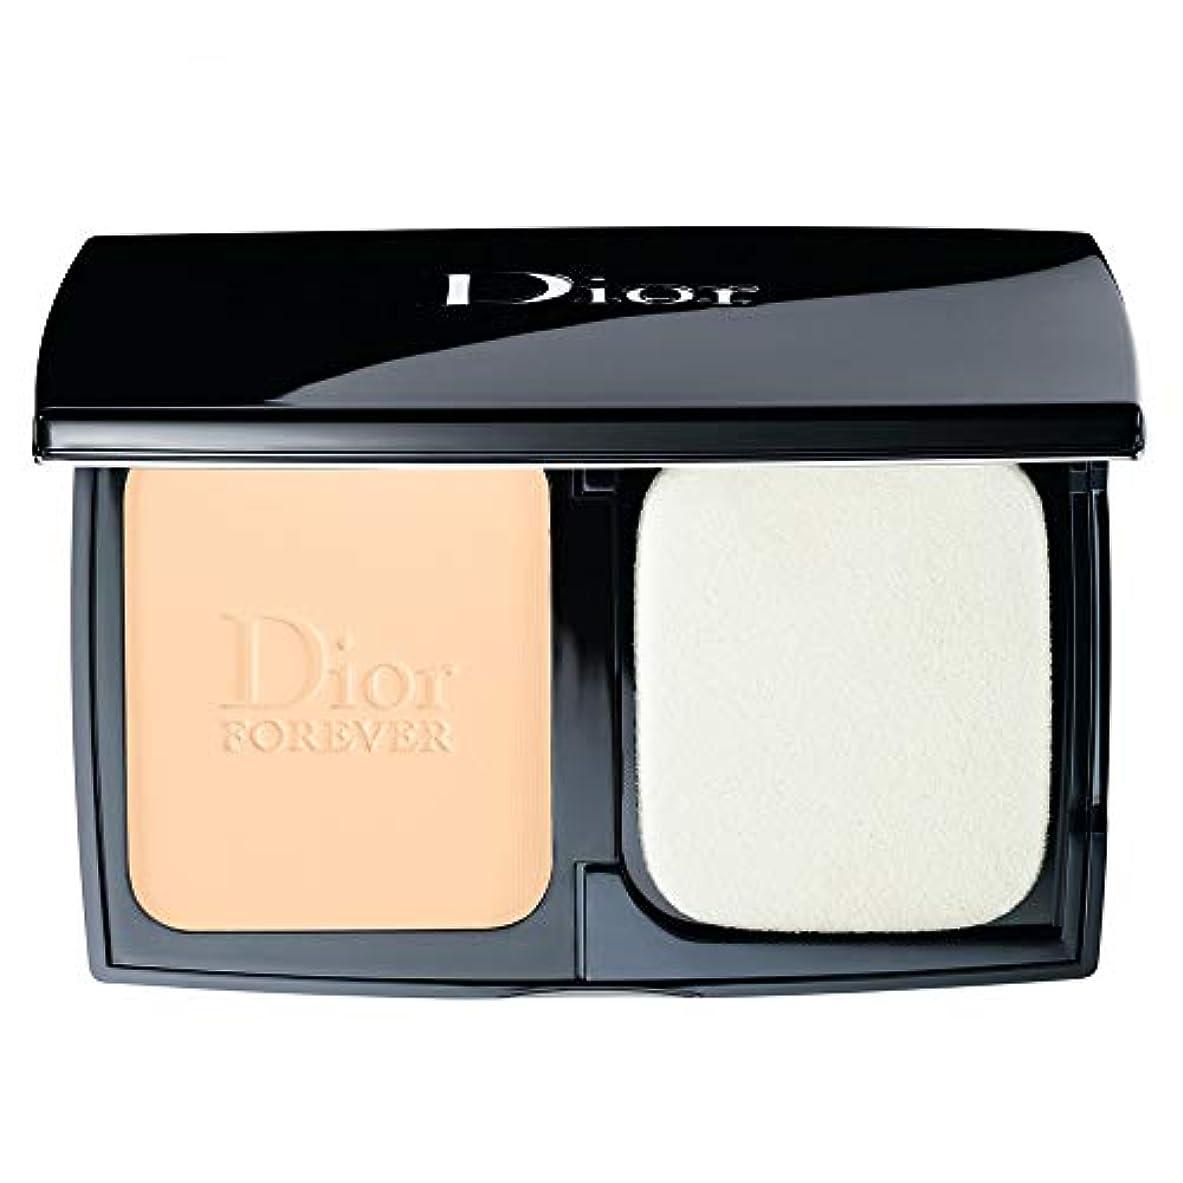 空いている被るゲージクリスチャンディオール Diorskin Forever Extreme Control Perfect Matte Powder Makeup SPF 20 - # 010 Ivory 9g/0.31oz並行輸入品